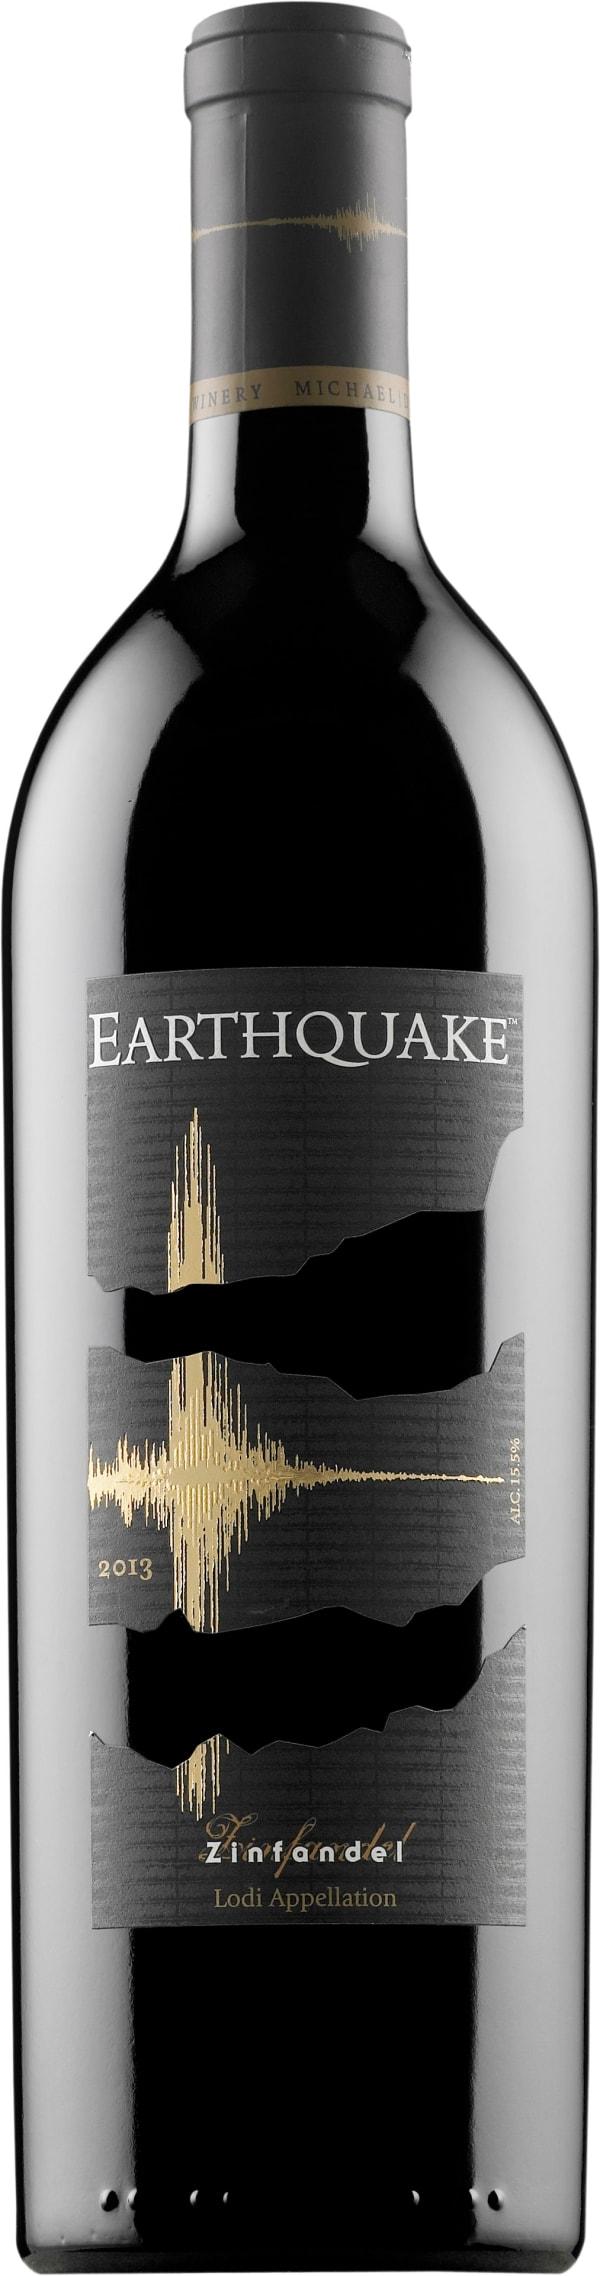 Earthquake Zinfandel 2013